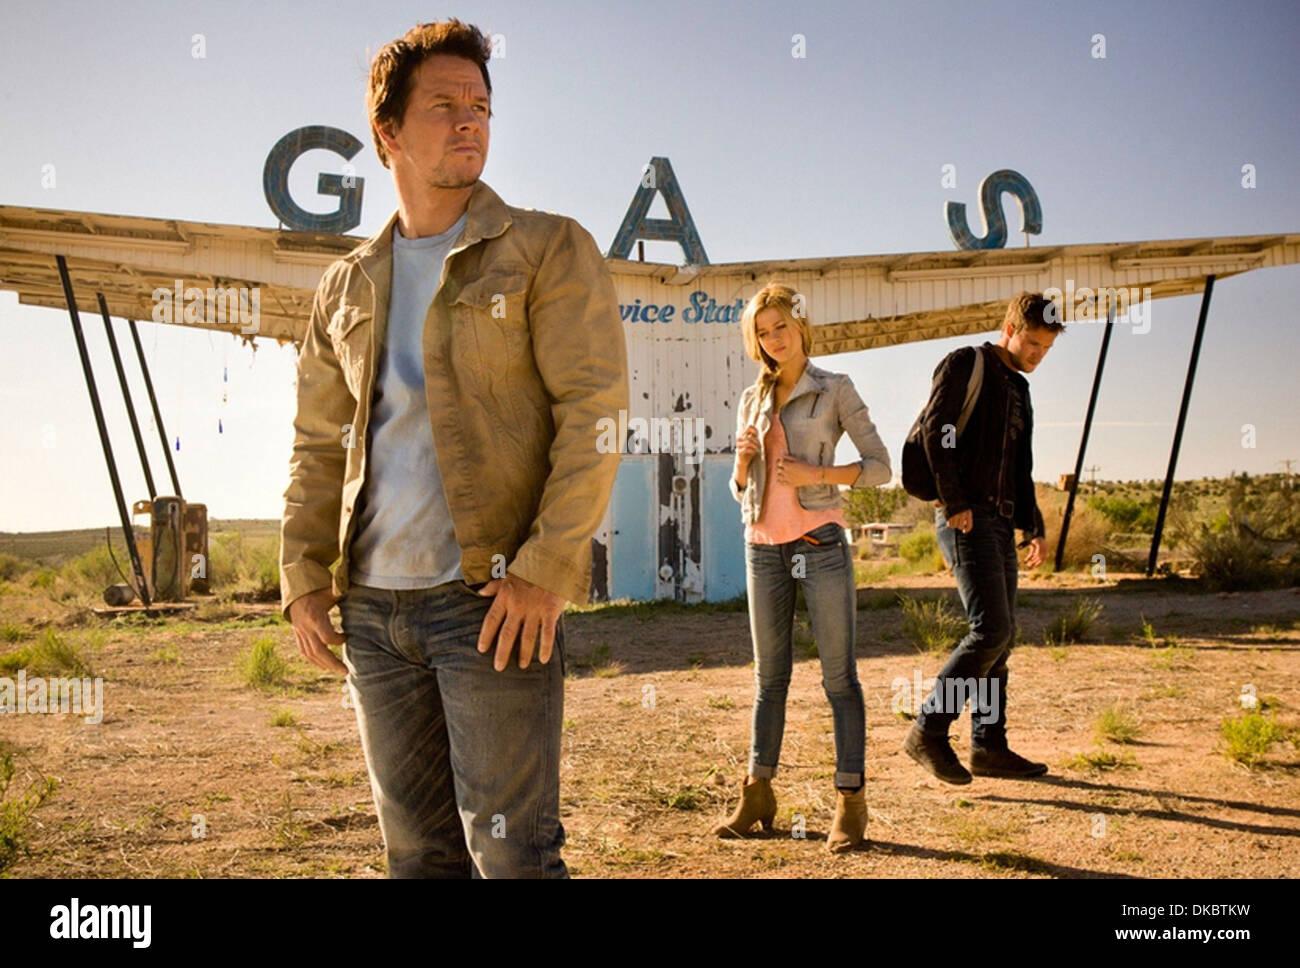 TRANSFORMERS: L'ÂGE D'EXTINCTION 2014 Paramount Pictures film avec de gauche à droite: Mark Wahlberg, Nicola Peltz et Jack Lea Polonski Banque D'Images